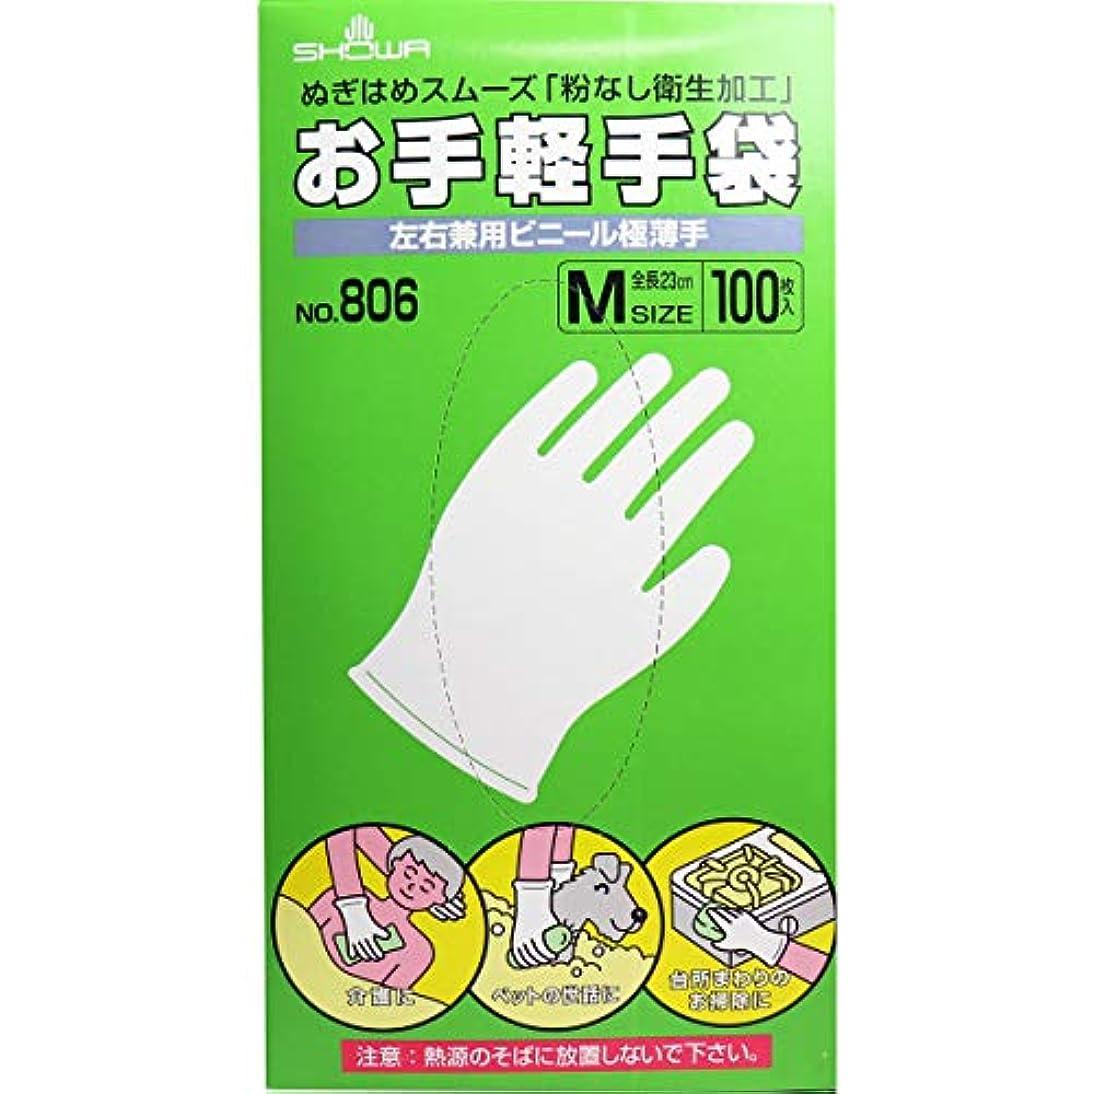 キリストマインドミケランジェロお手軽手袋 No.806 左右兼用ビニール極薄手 粉なし Mサイズ 100枚入×10個セット